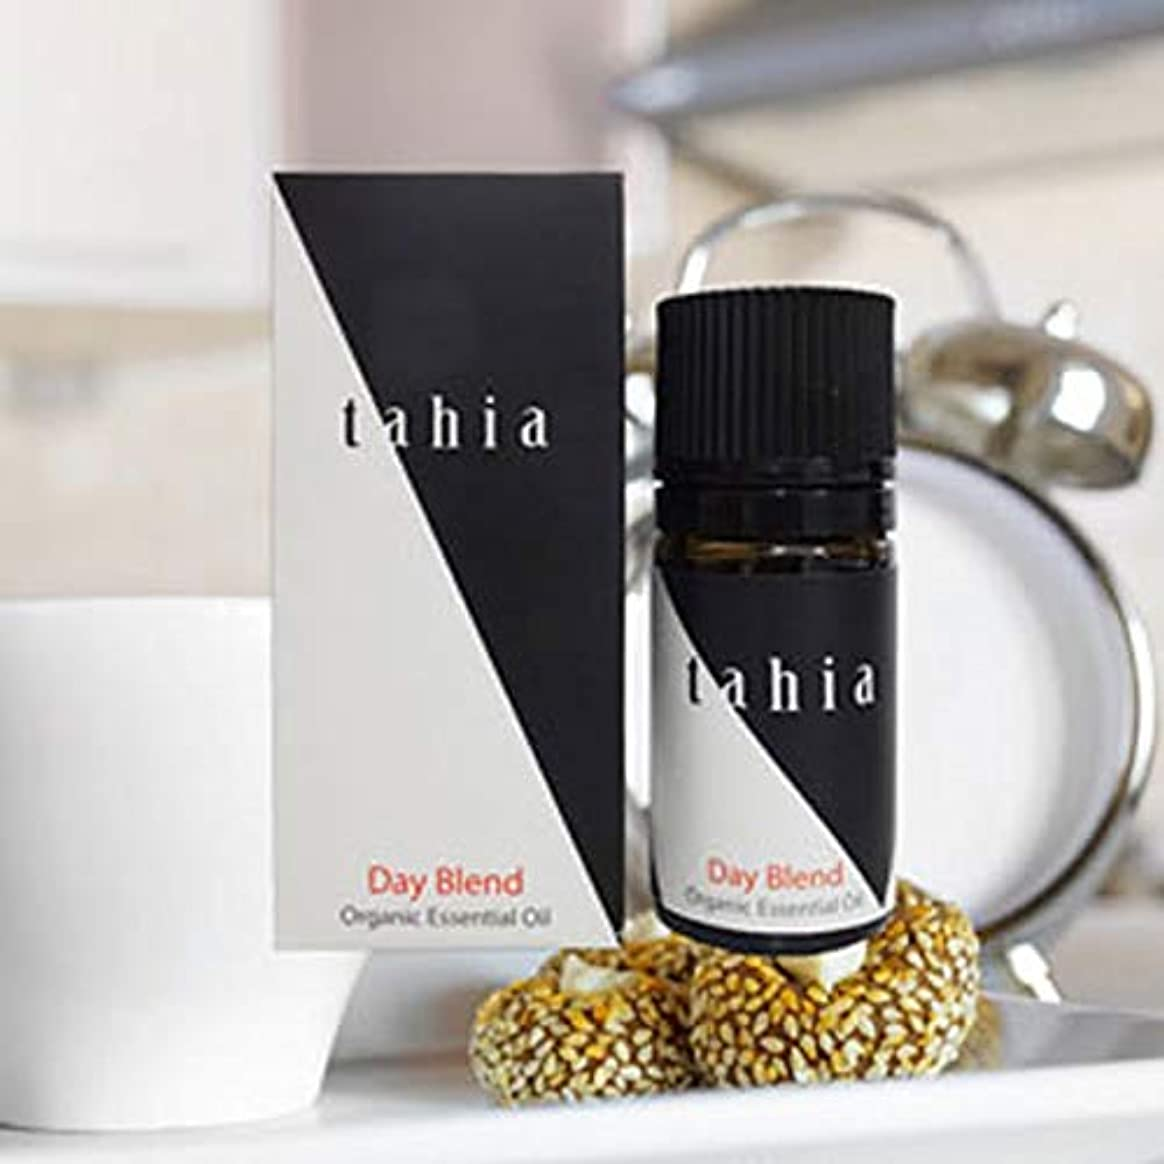 時間守る安西タツフト タヒア tahia デイブレンド  エッセンシャルオイル オーガニック 芳香 精油